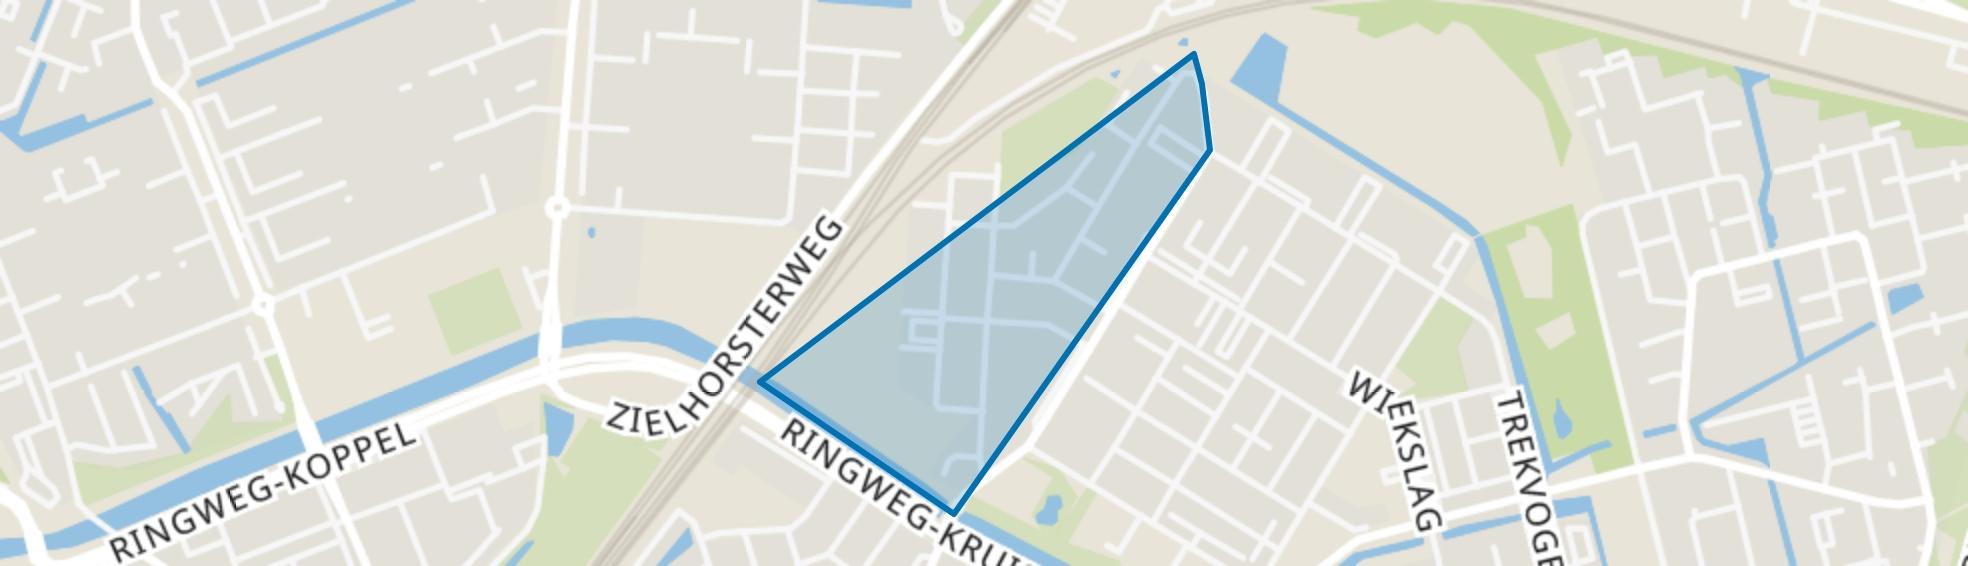 Liendertsedreef, Amersfoort map